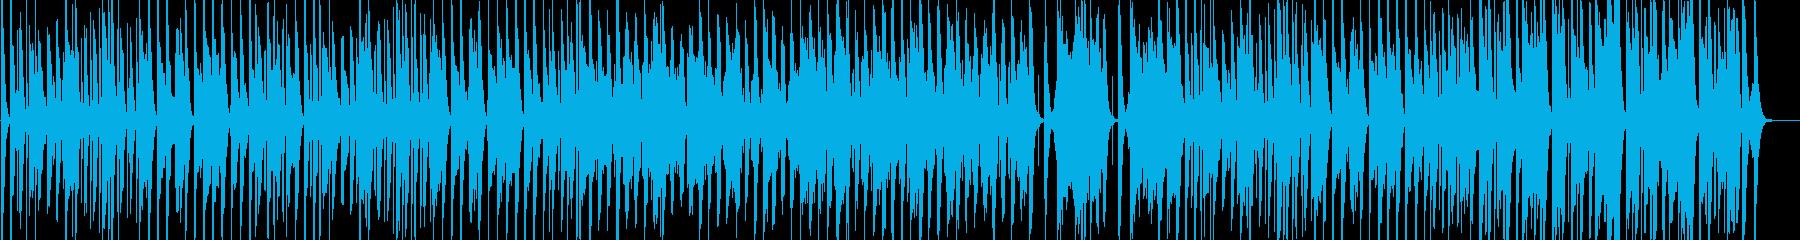 コロコロした雰囲気のほのぼの可愛いBGMの再生済みの波形